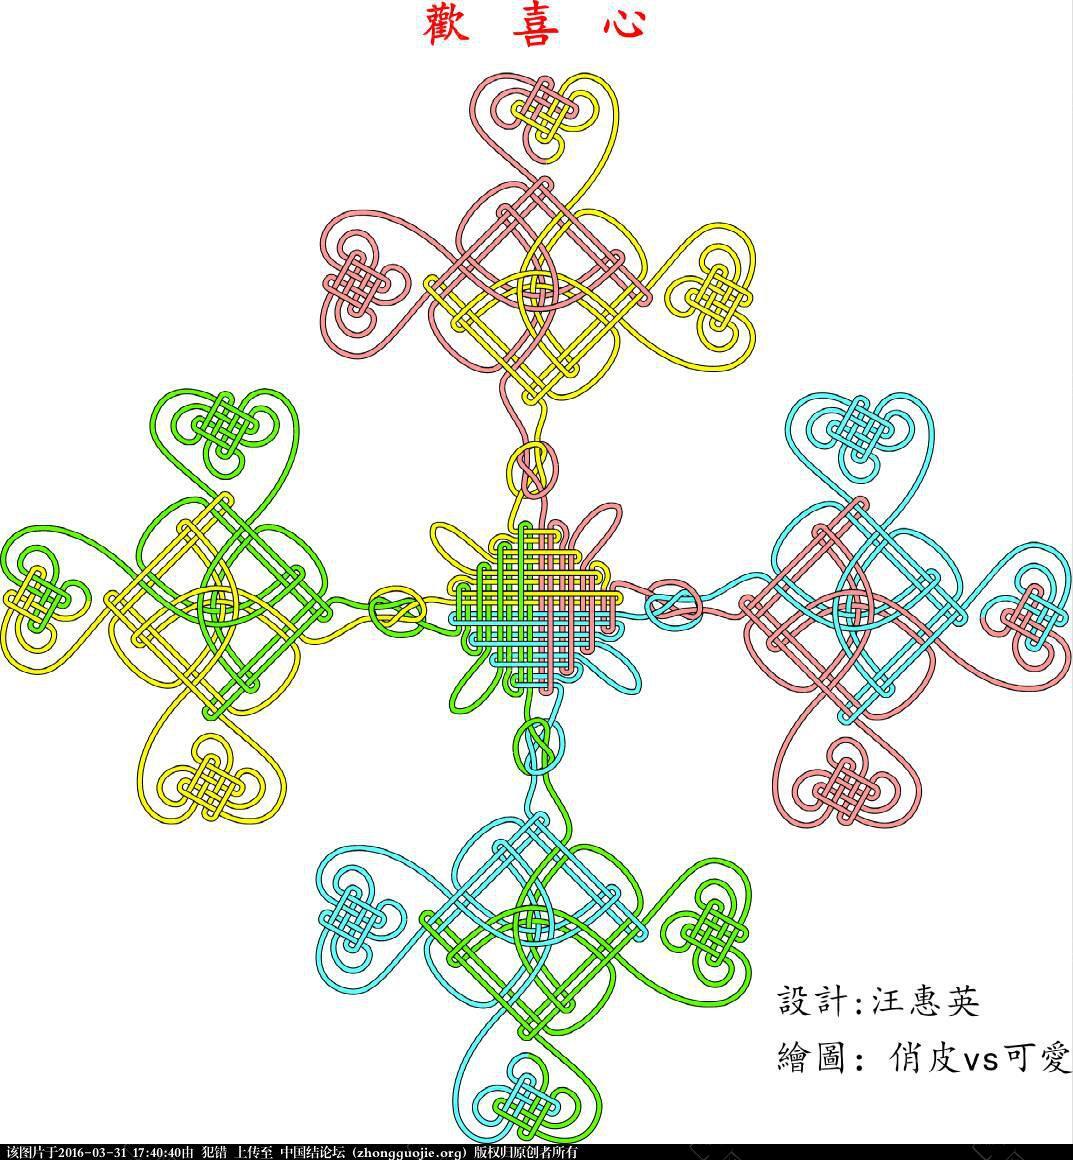 中国结论坛 最近画的几个图  走线图教程【简图专区】 174040bjjupuuxlvfjumuj